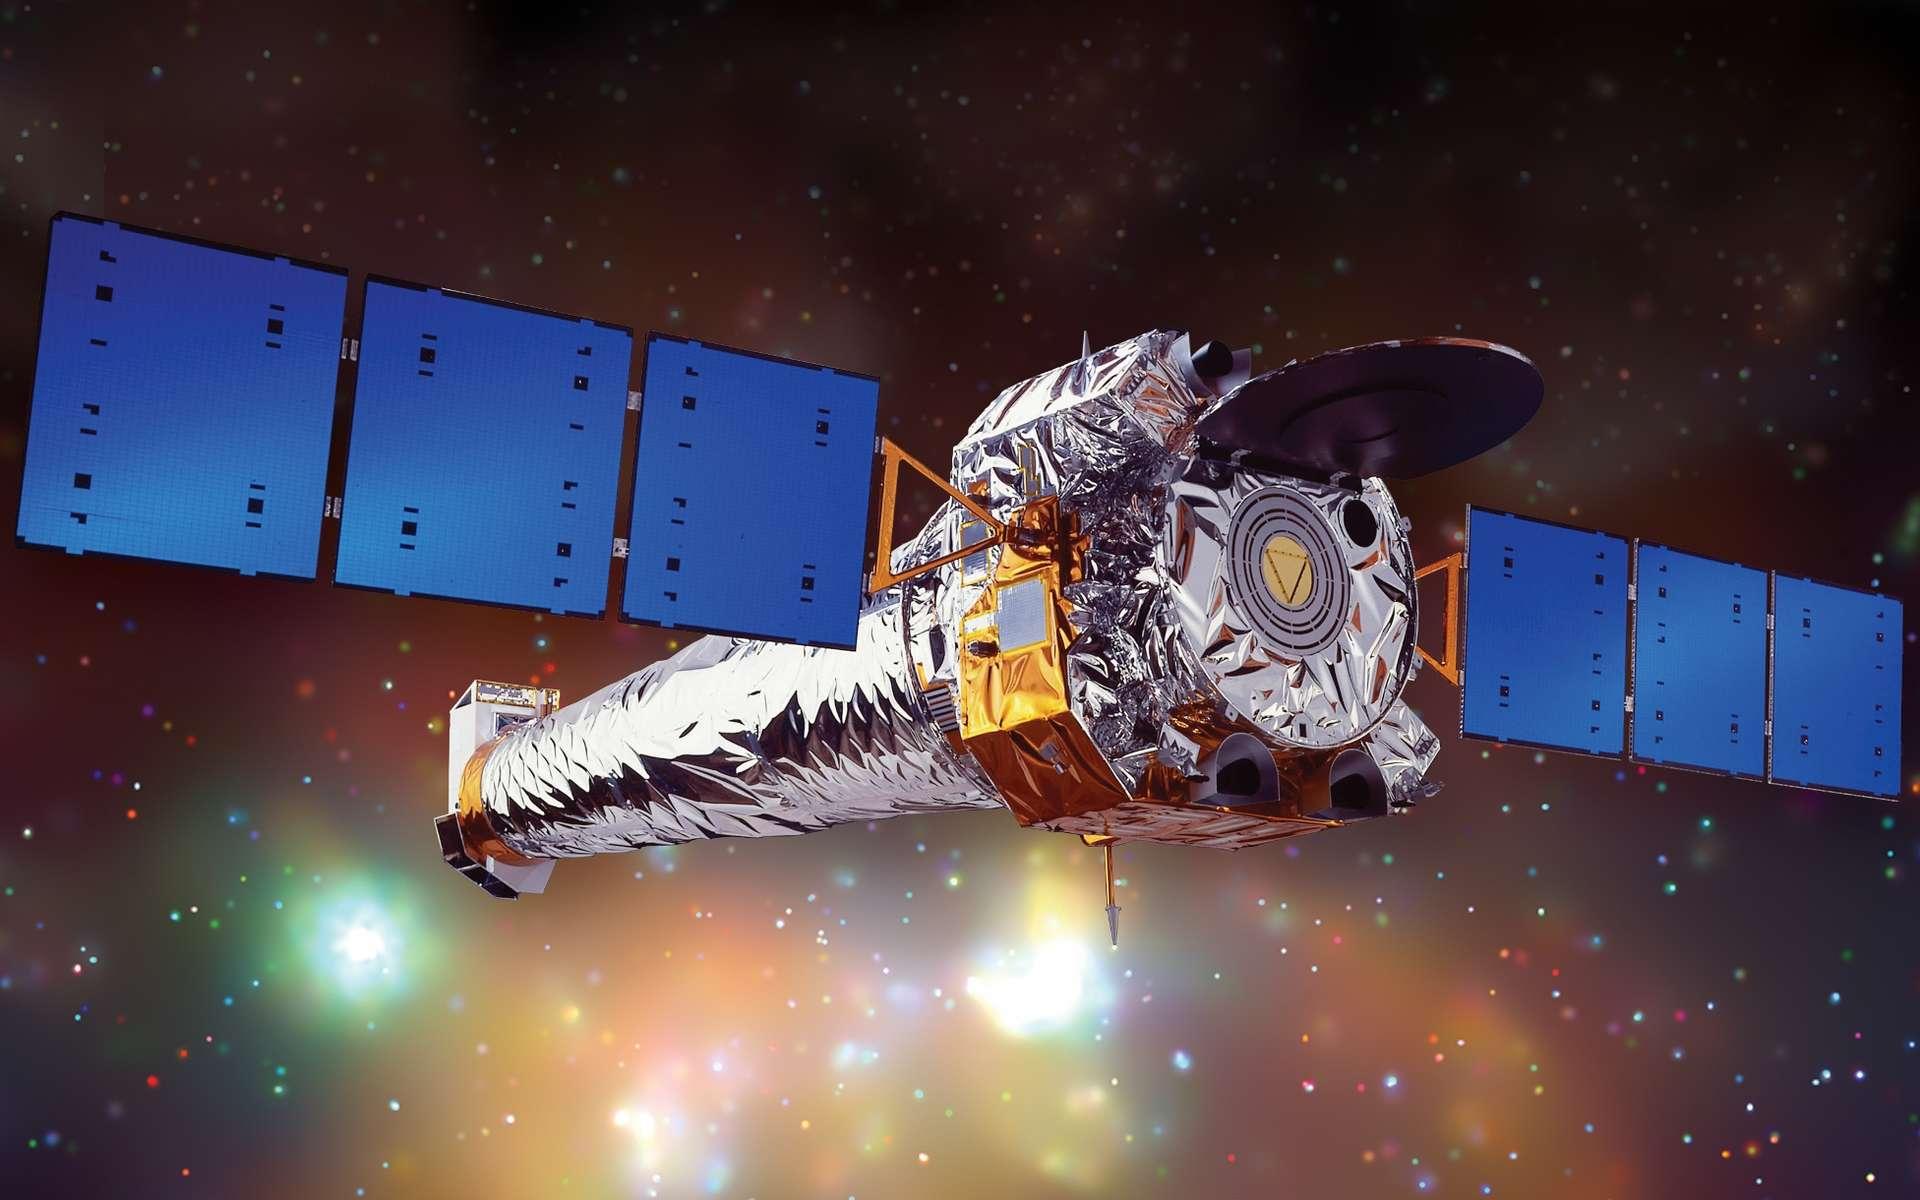 Une vue d'artiste de Chandra, le télescope spatial à rayons X. © Nasa